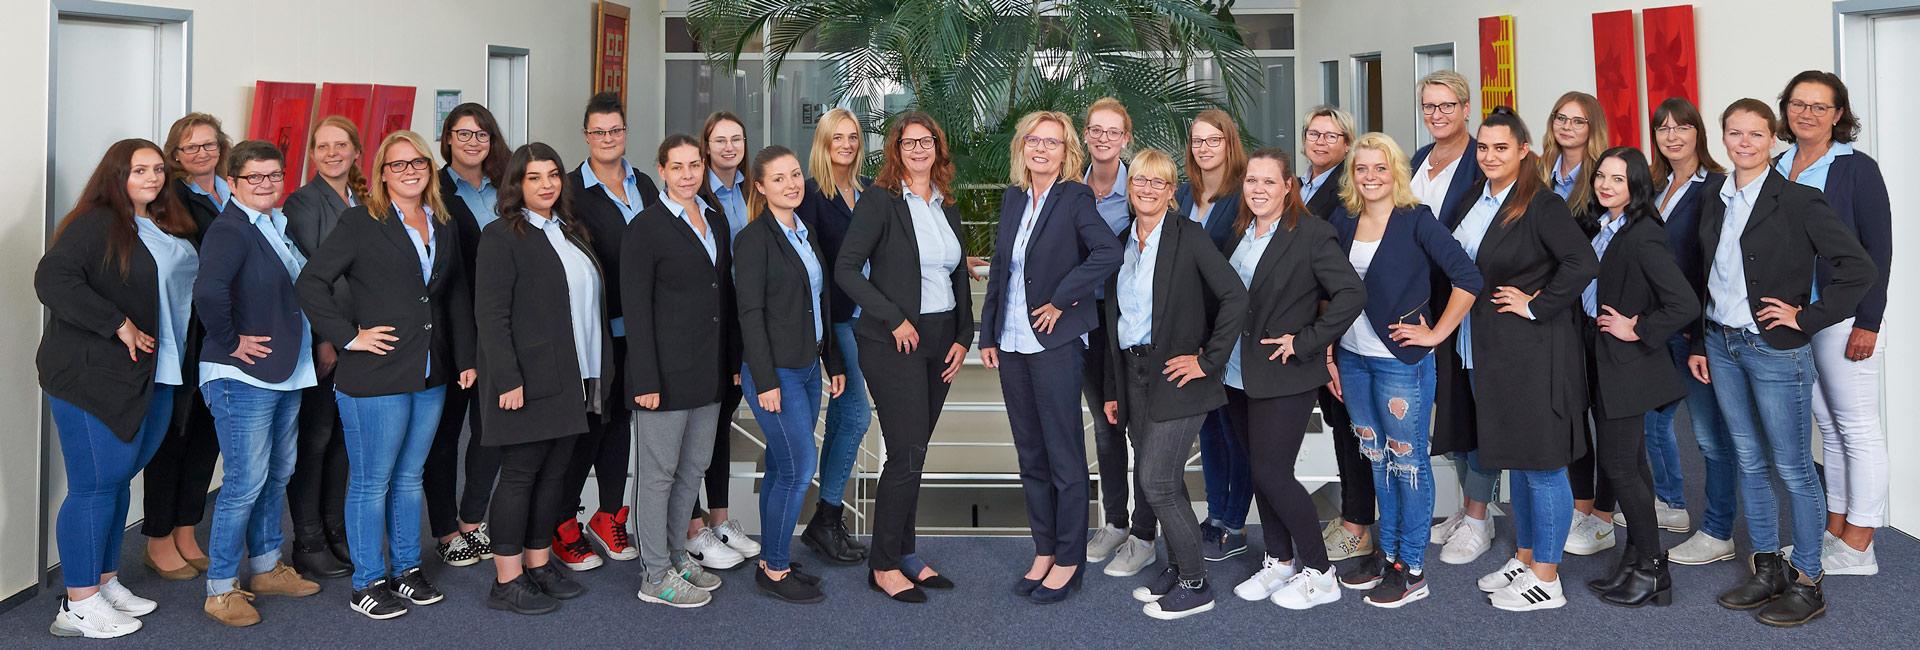 Das MediCom Service Center Teamfoto